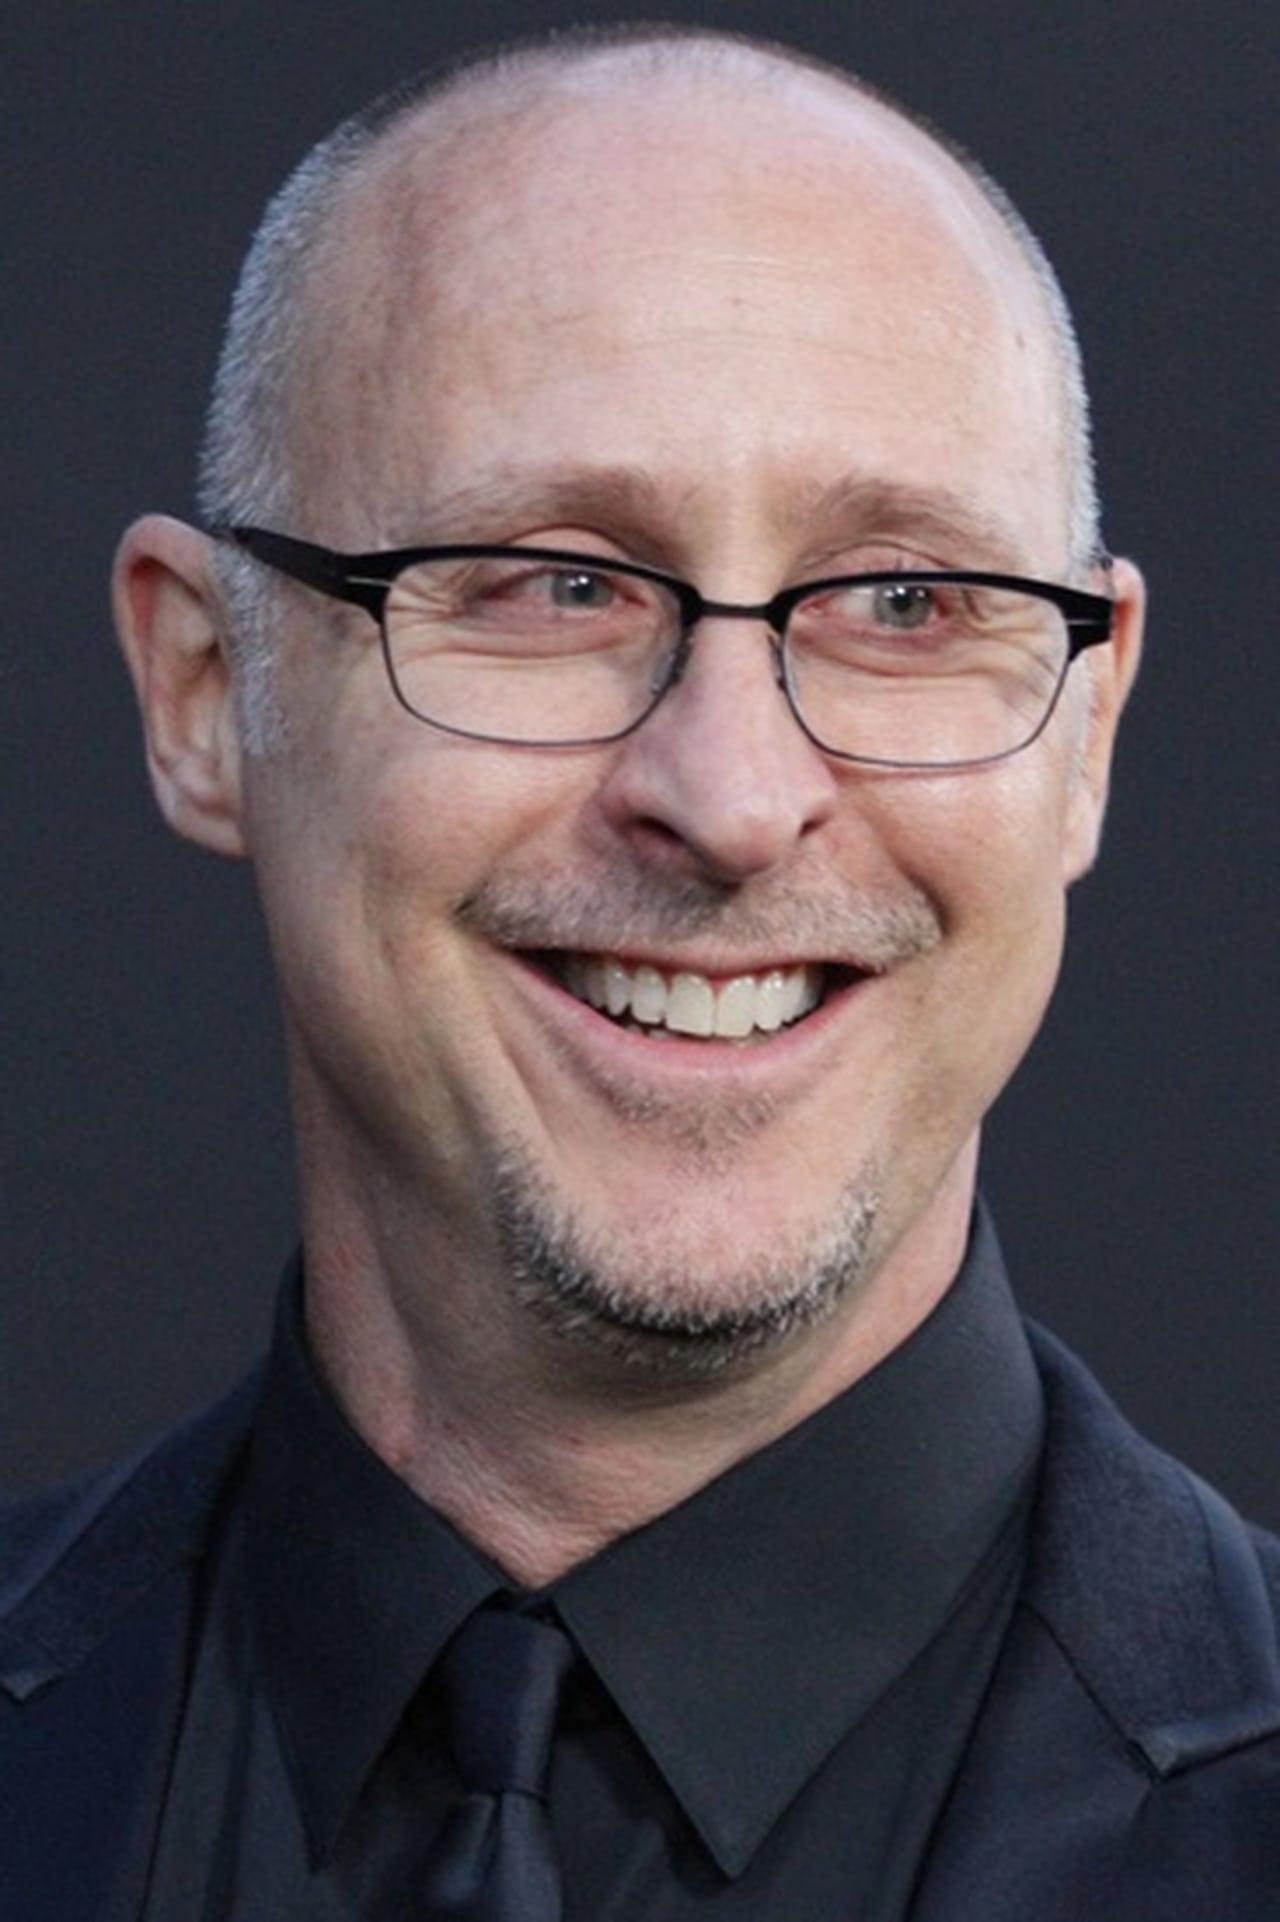 Gavin O'